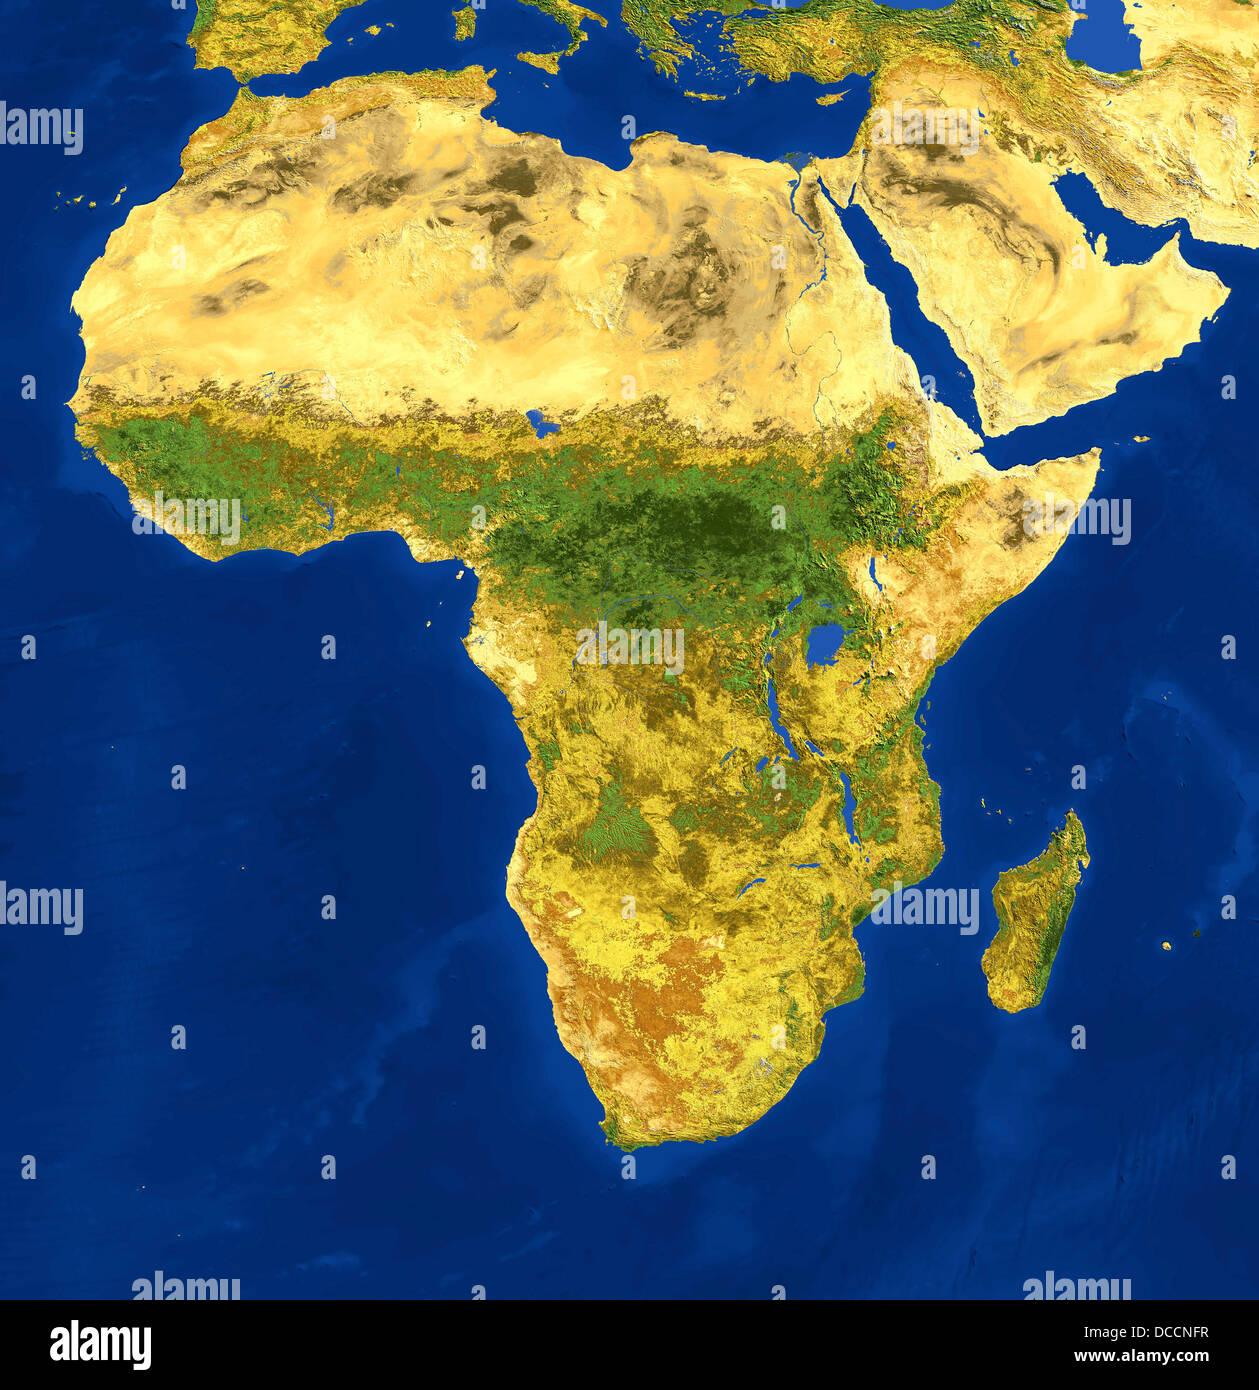 Avhrr Colore Naturale Immagine Satellitare Dell Africa E